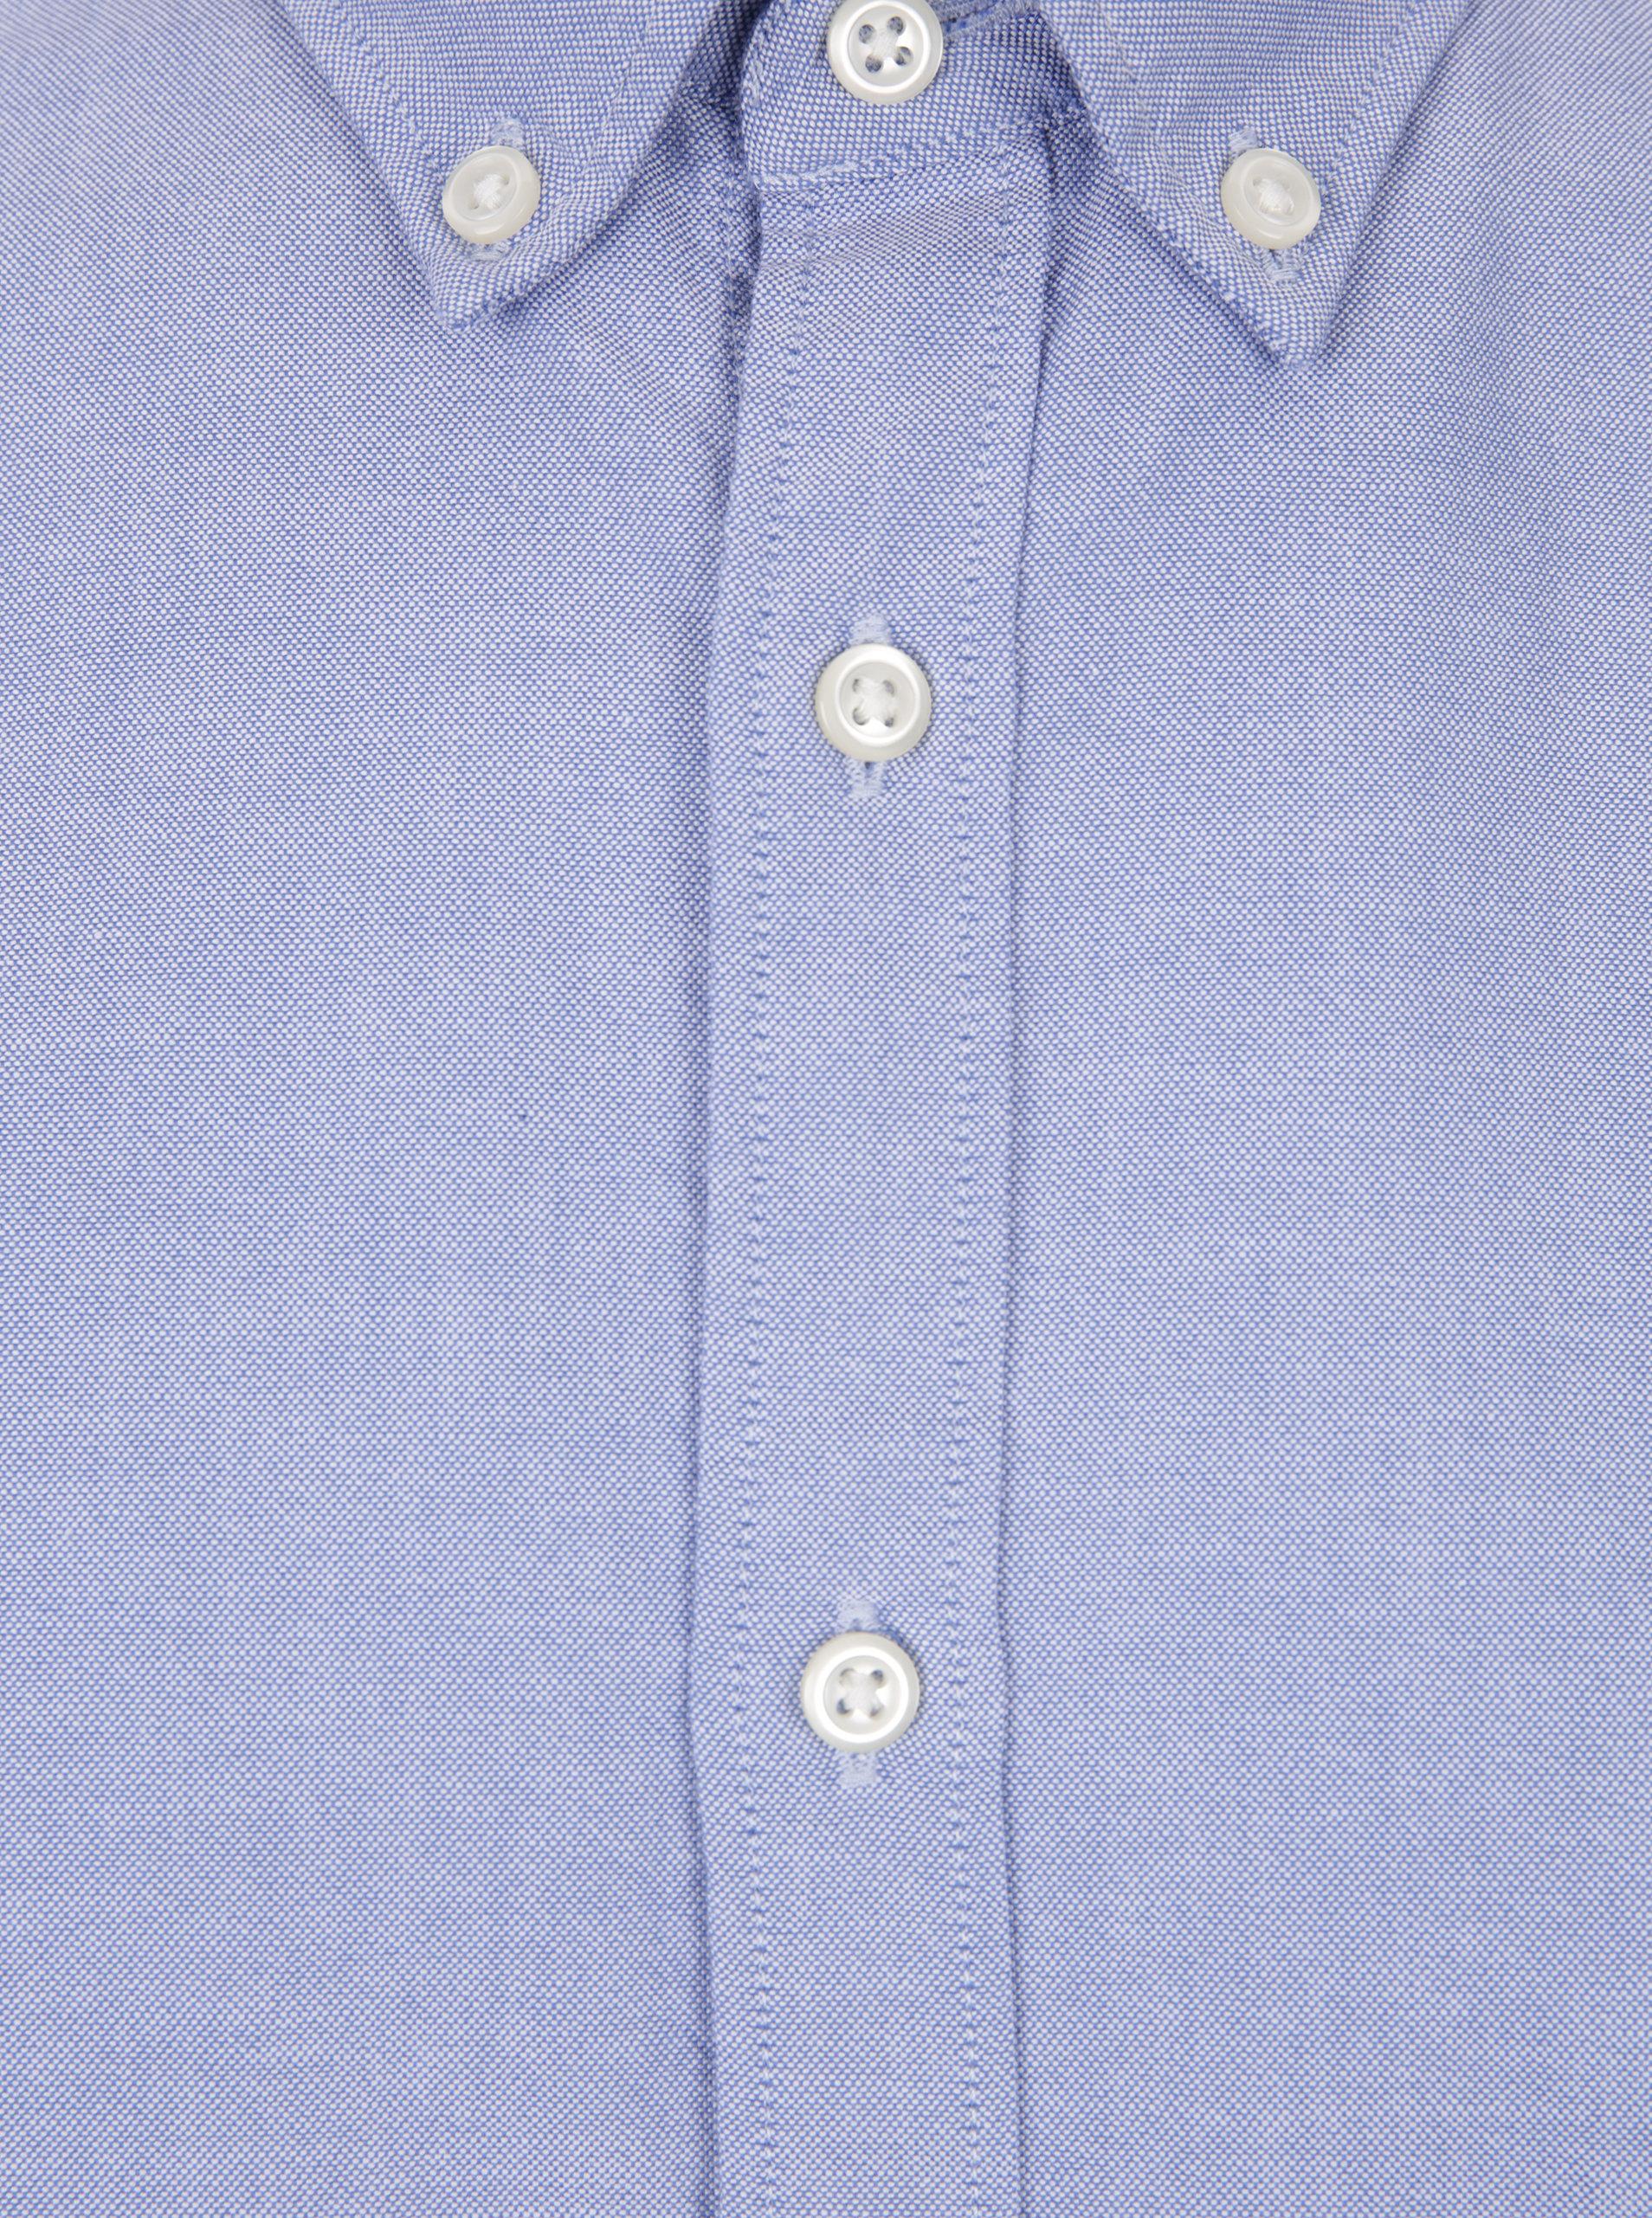 c4440b05f7 Světle modrá pánská košile Tommy Hilfiger Ivy ...